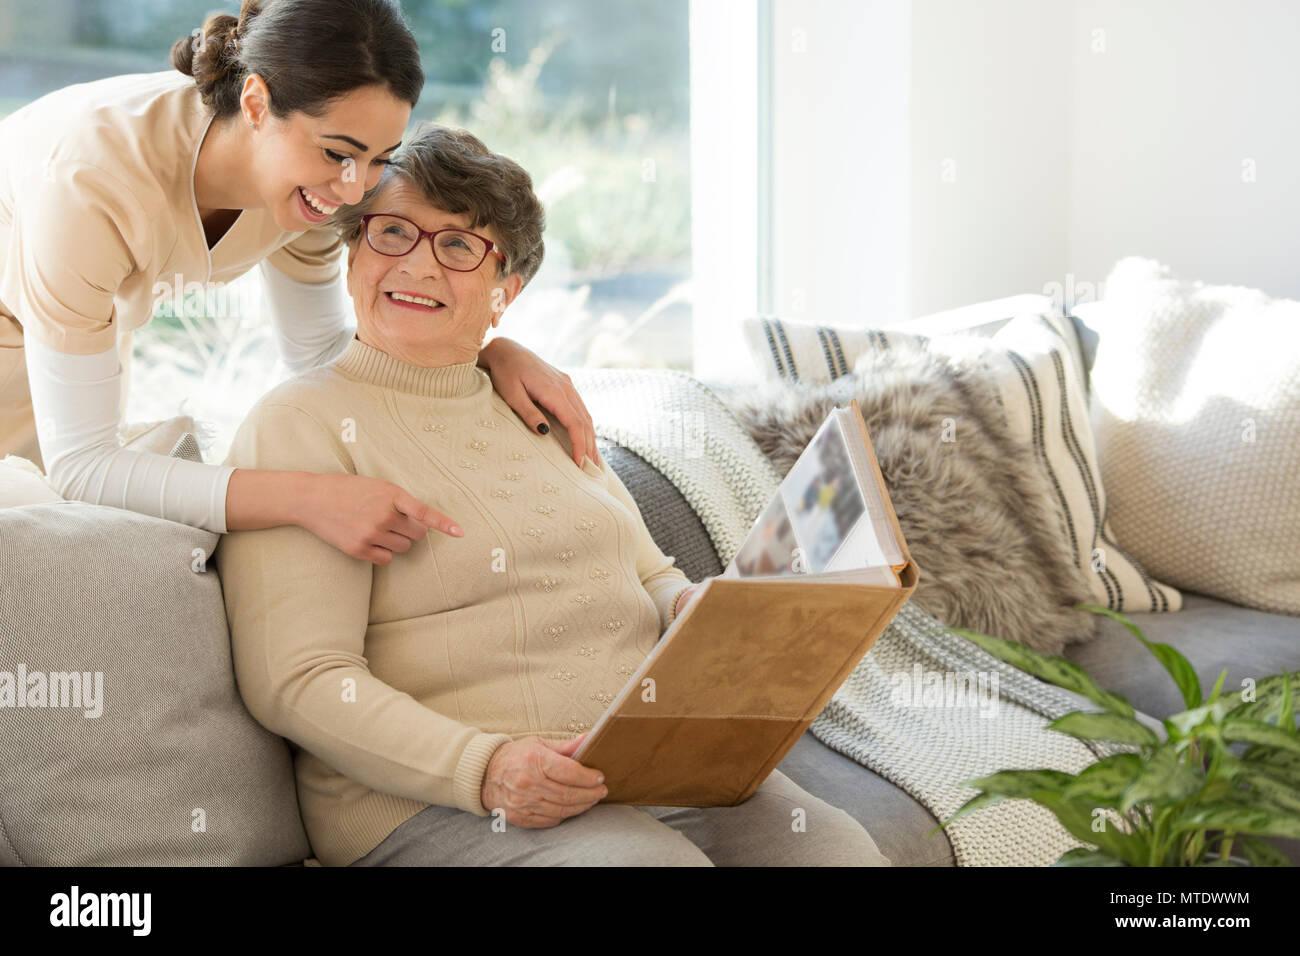 Grand-mère assise sur un sofa dans une chambre ensoleillée, en regardant un album photo et le partage de bons souvenirs avec un fournisseur d'offres Photo Stock